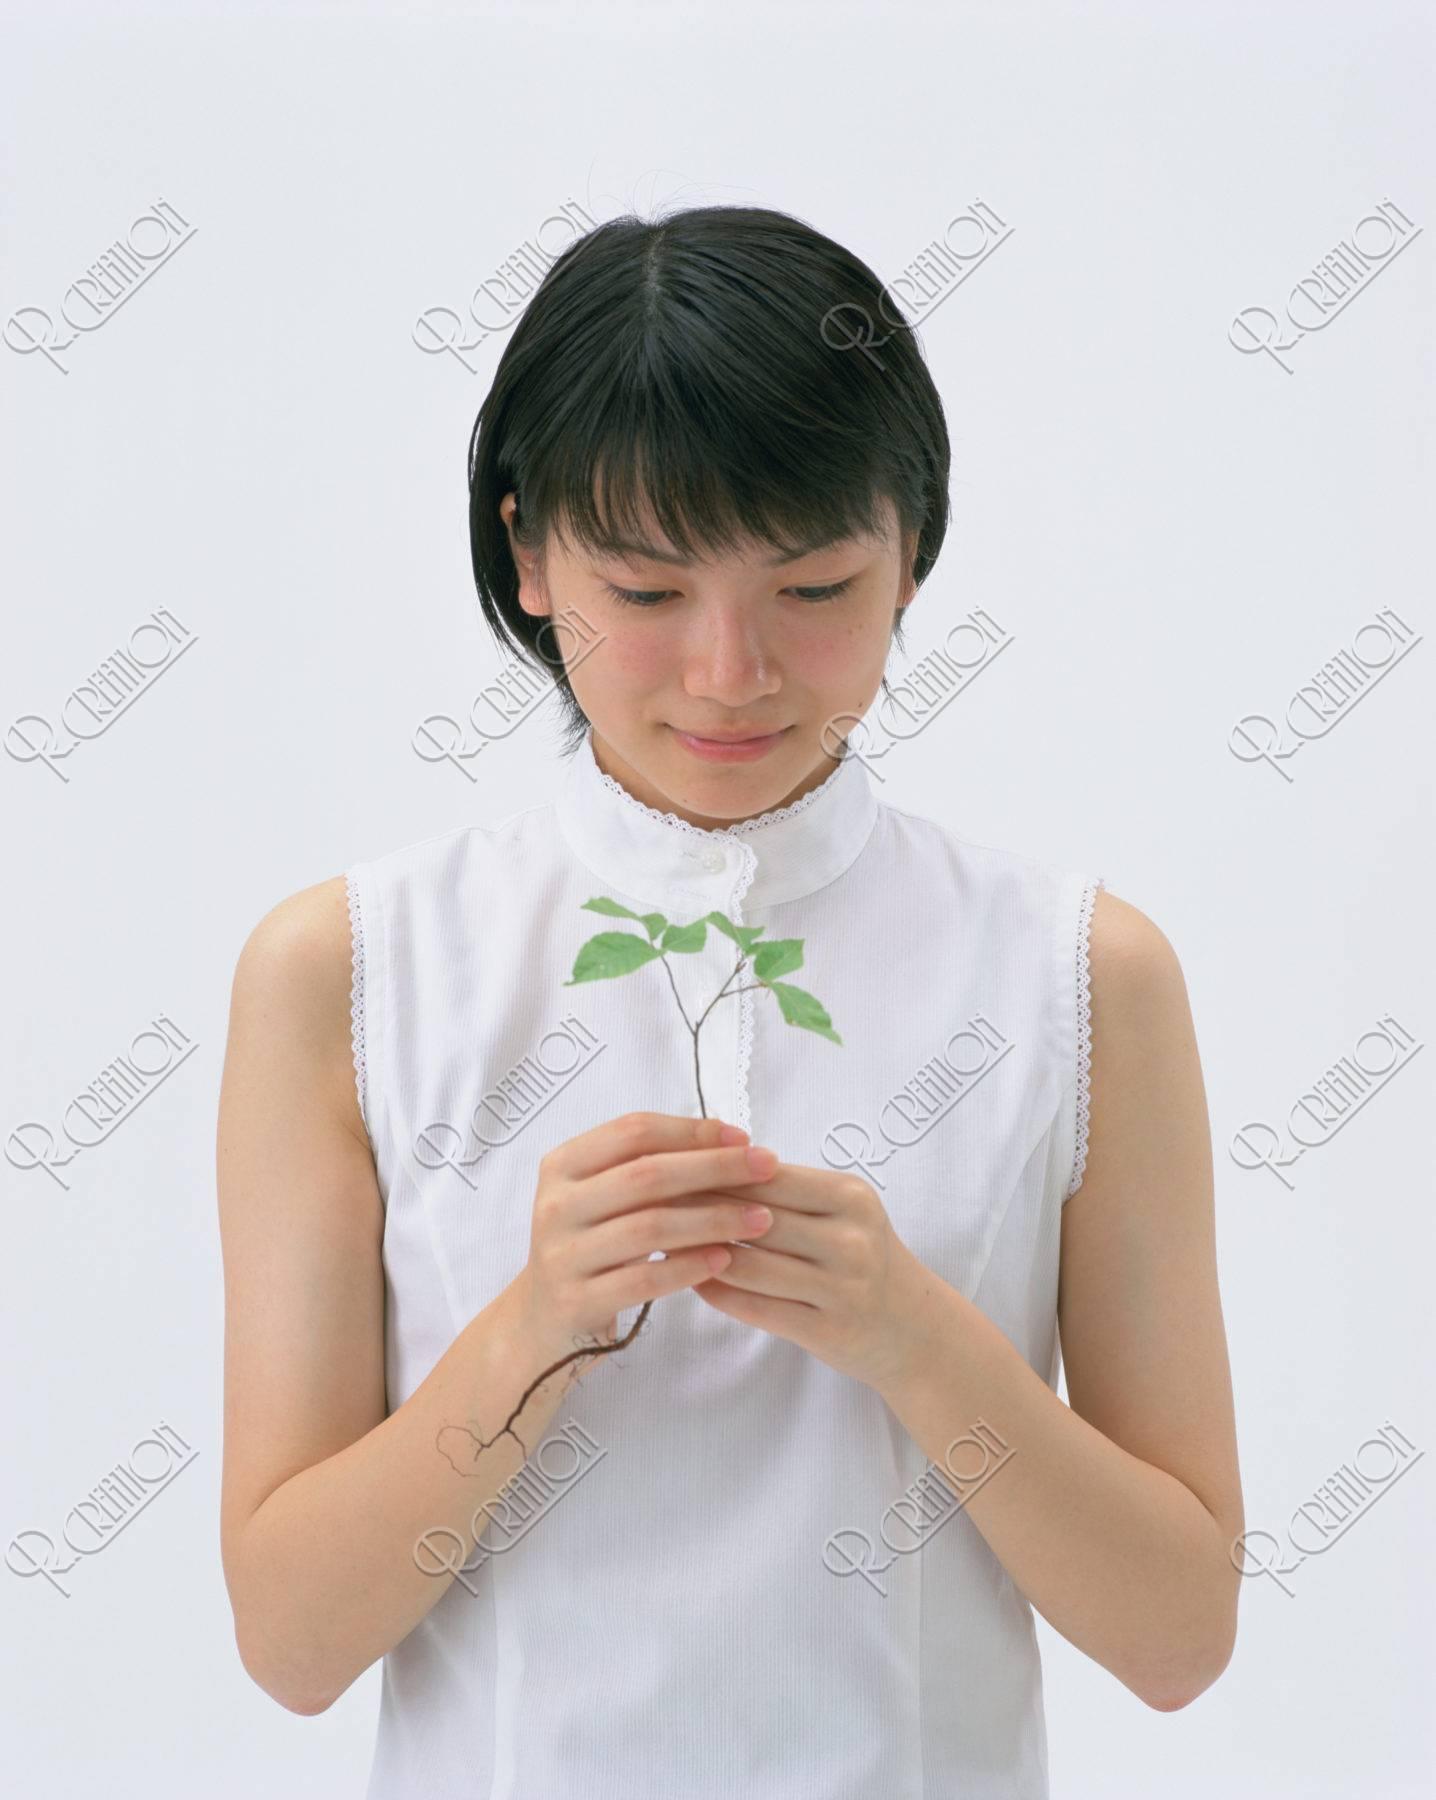 ブナの新芽を持つ少女